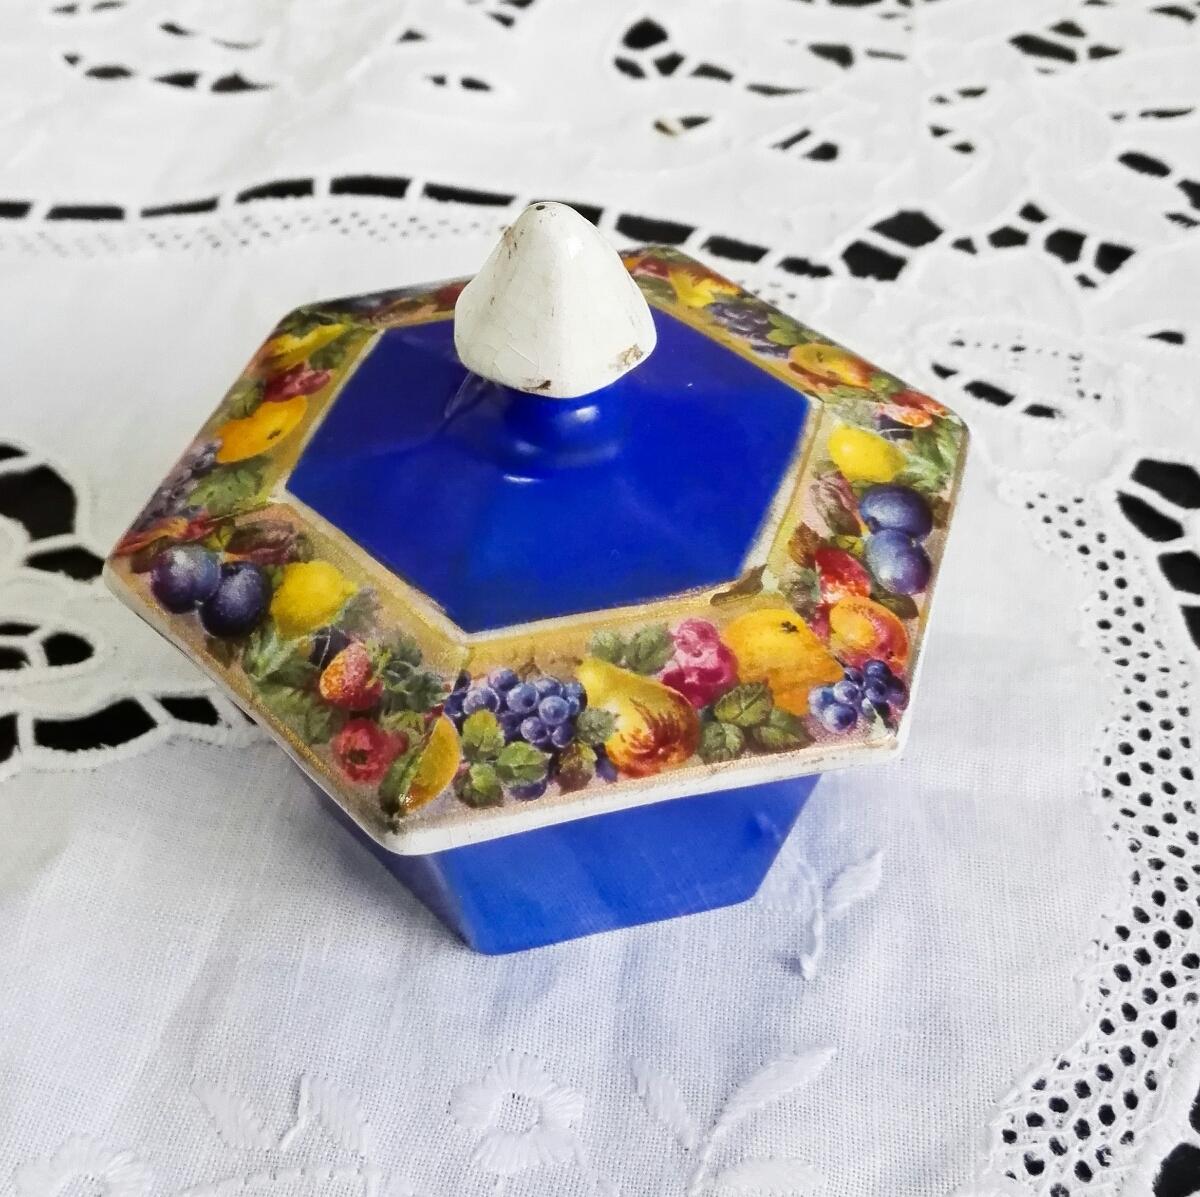 アンティーク ヴィンテージ 小物入れ 陶磁器 蓋付き フルーツ模様 六角形 M-435★10_画像2